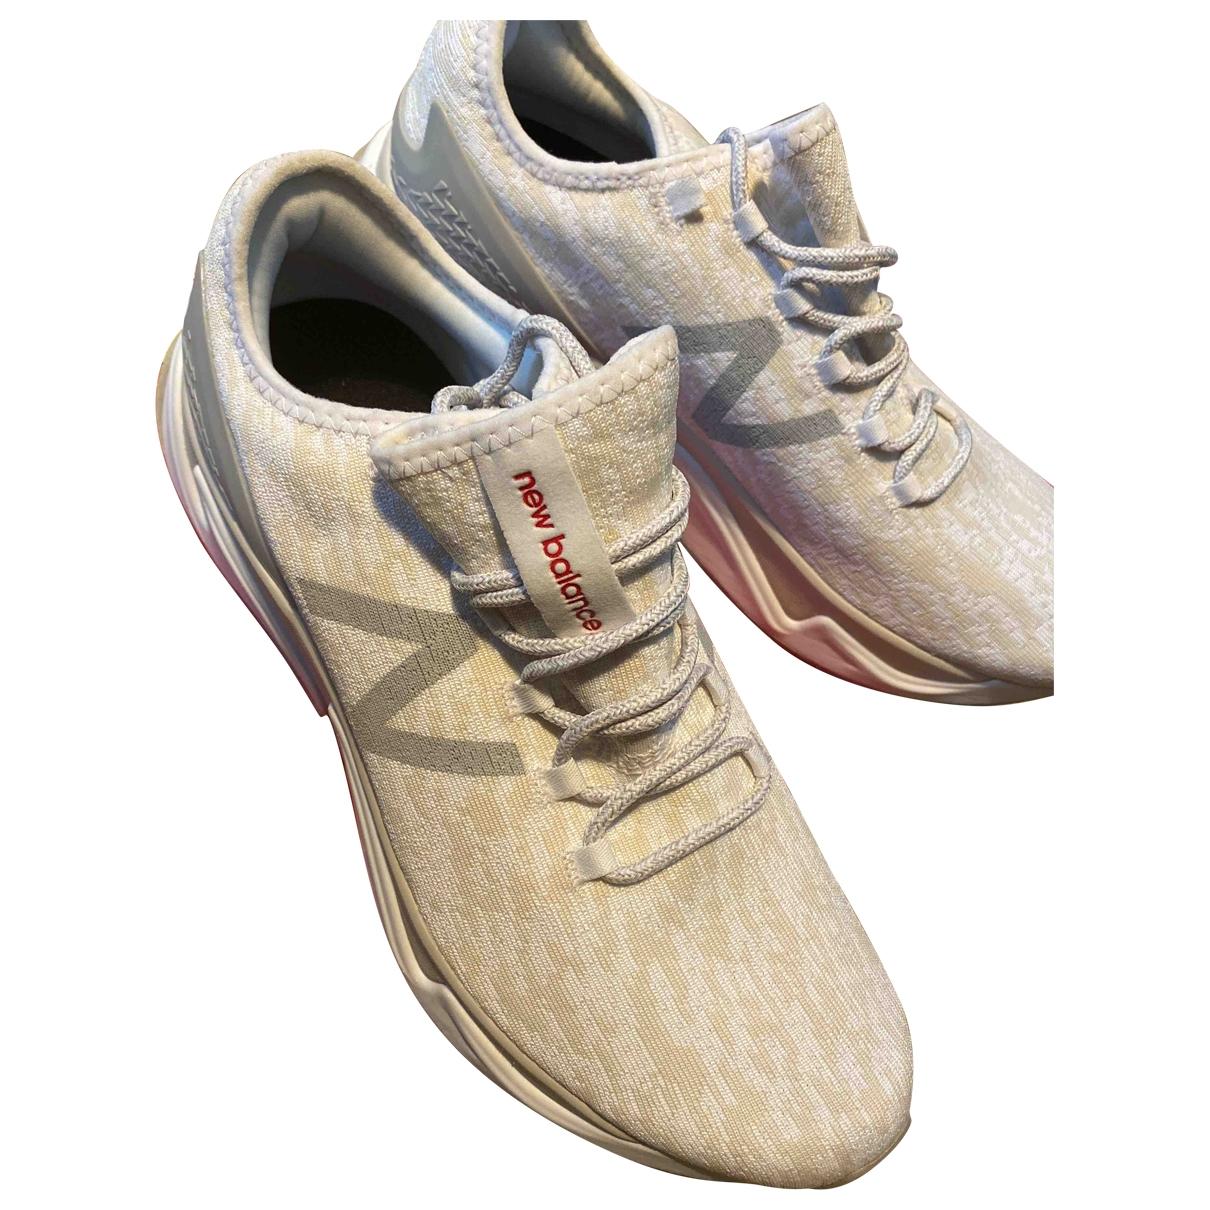 New Balance - Baskets   pour homme en toile - blanc